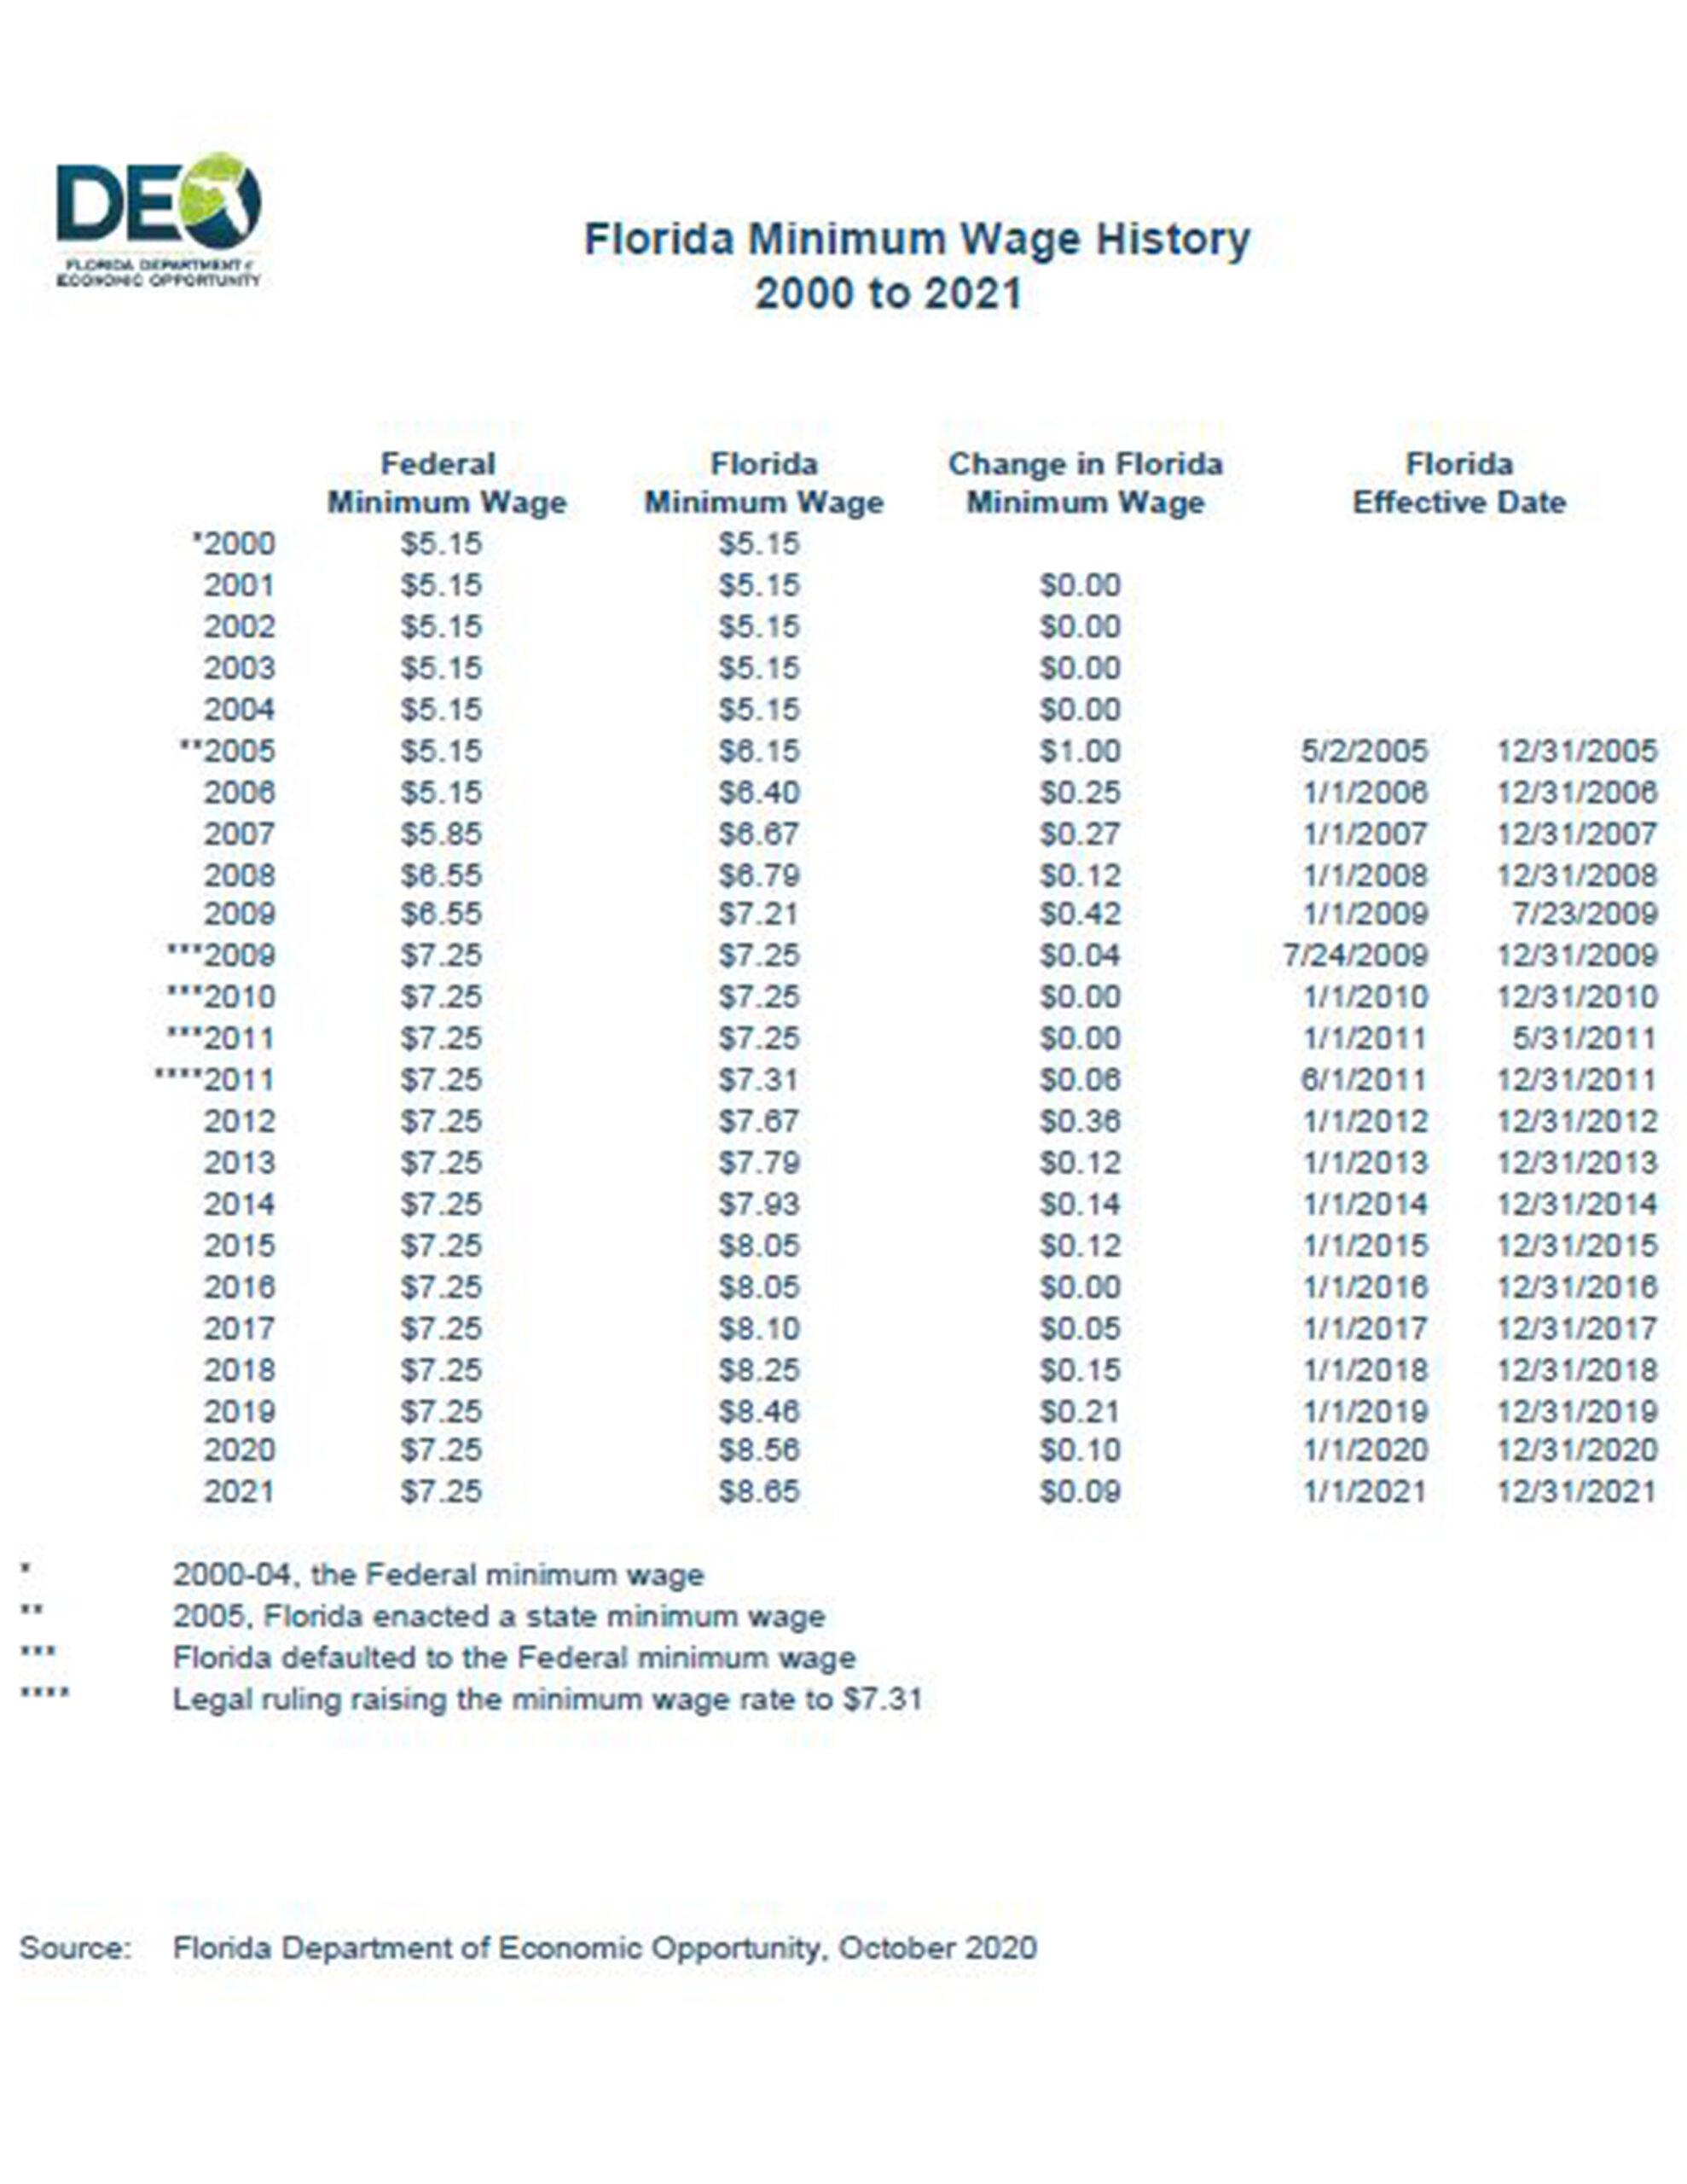 minimum wage history 2000-2021